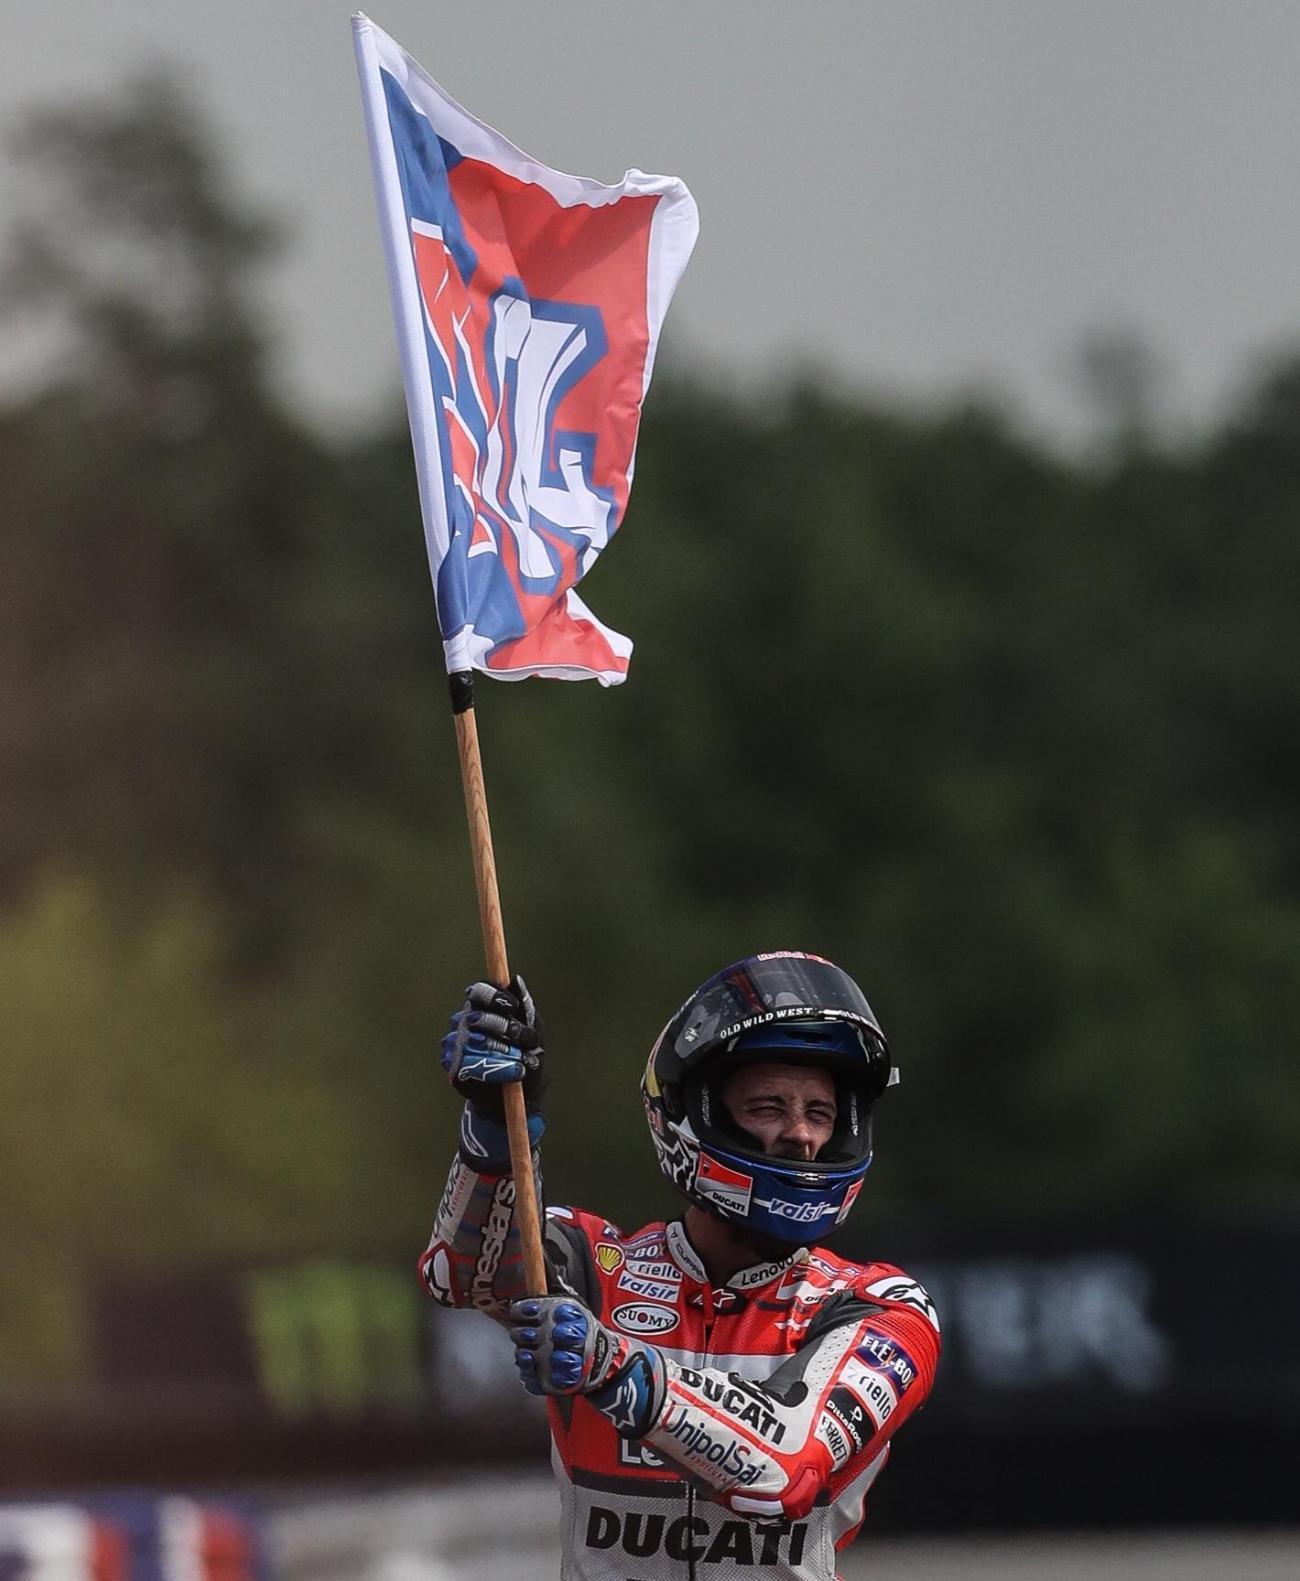 MotoGP: Dovizioso trionfa a Brno, doppietta Ducati